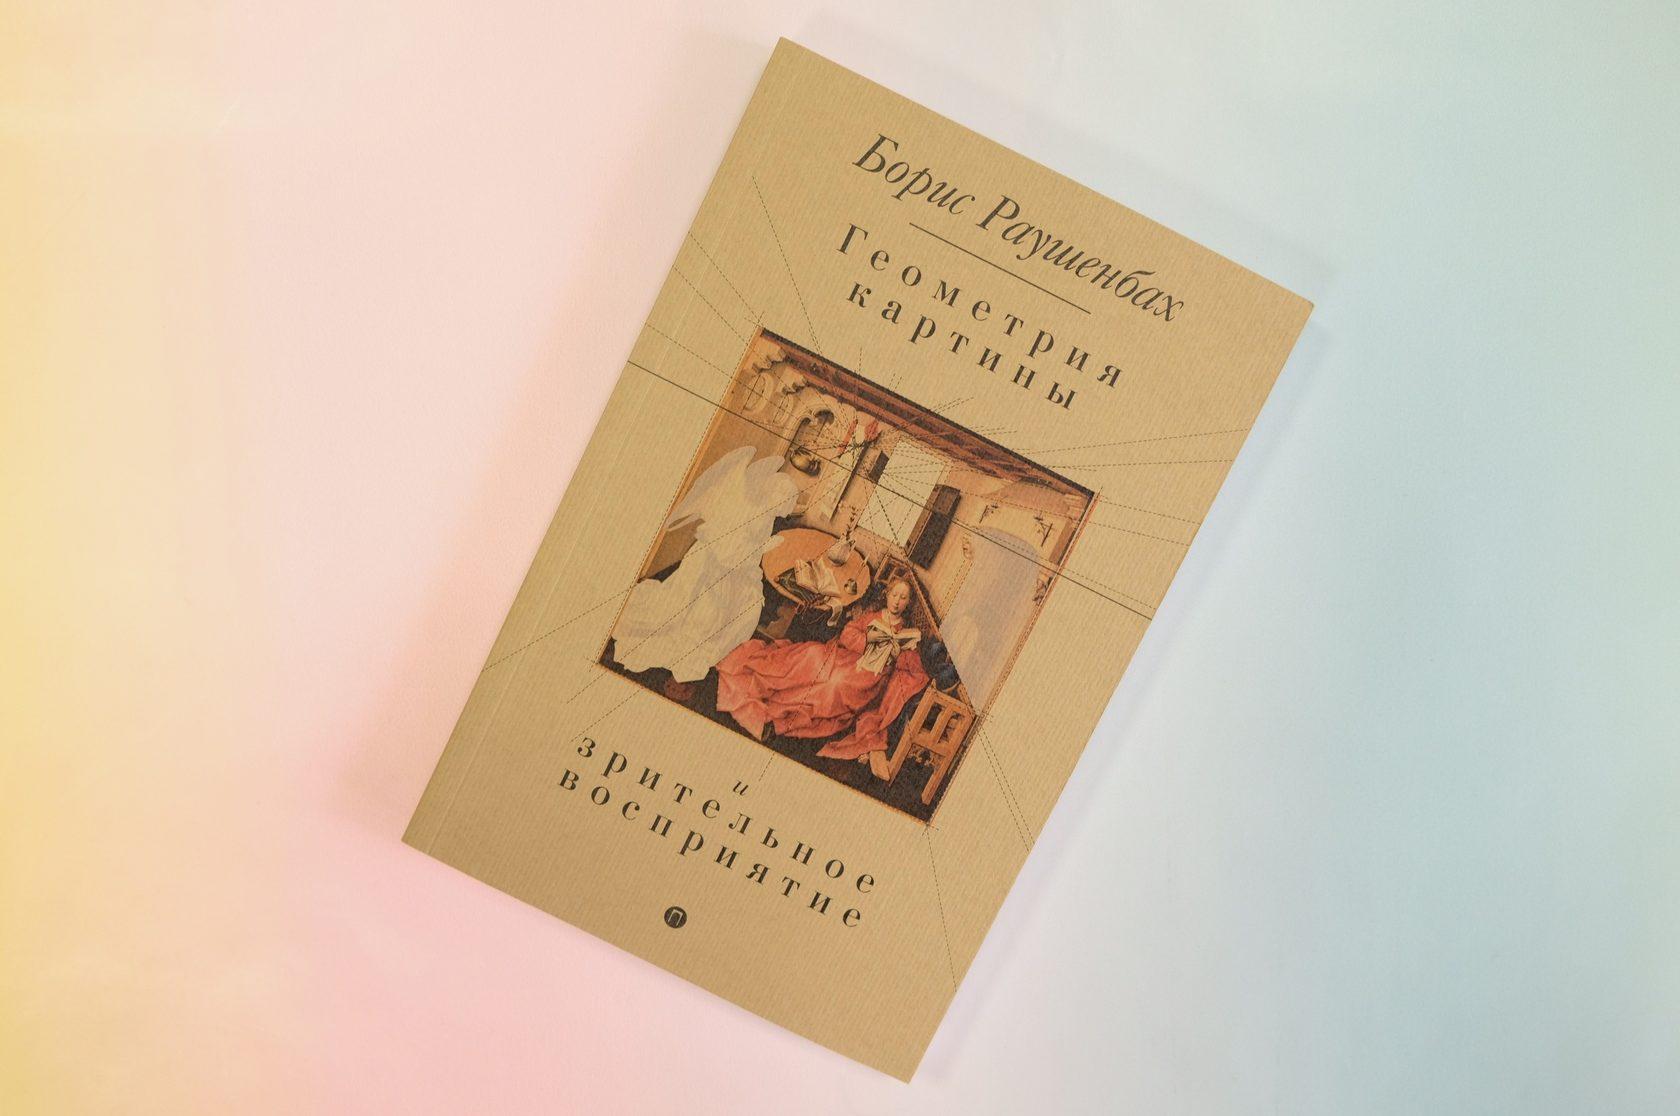 Борис Раушенбах «Геометрия картины и зрительное восприятие»